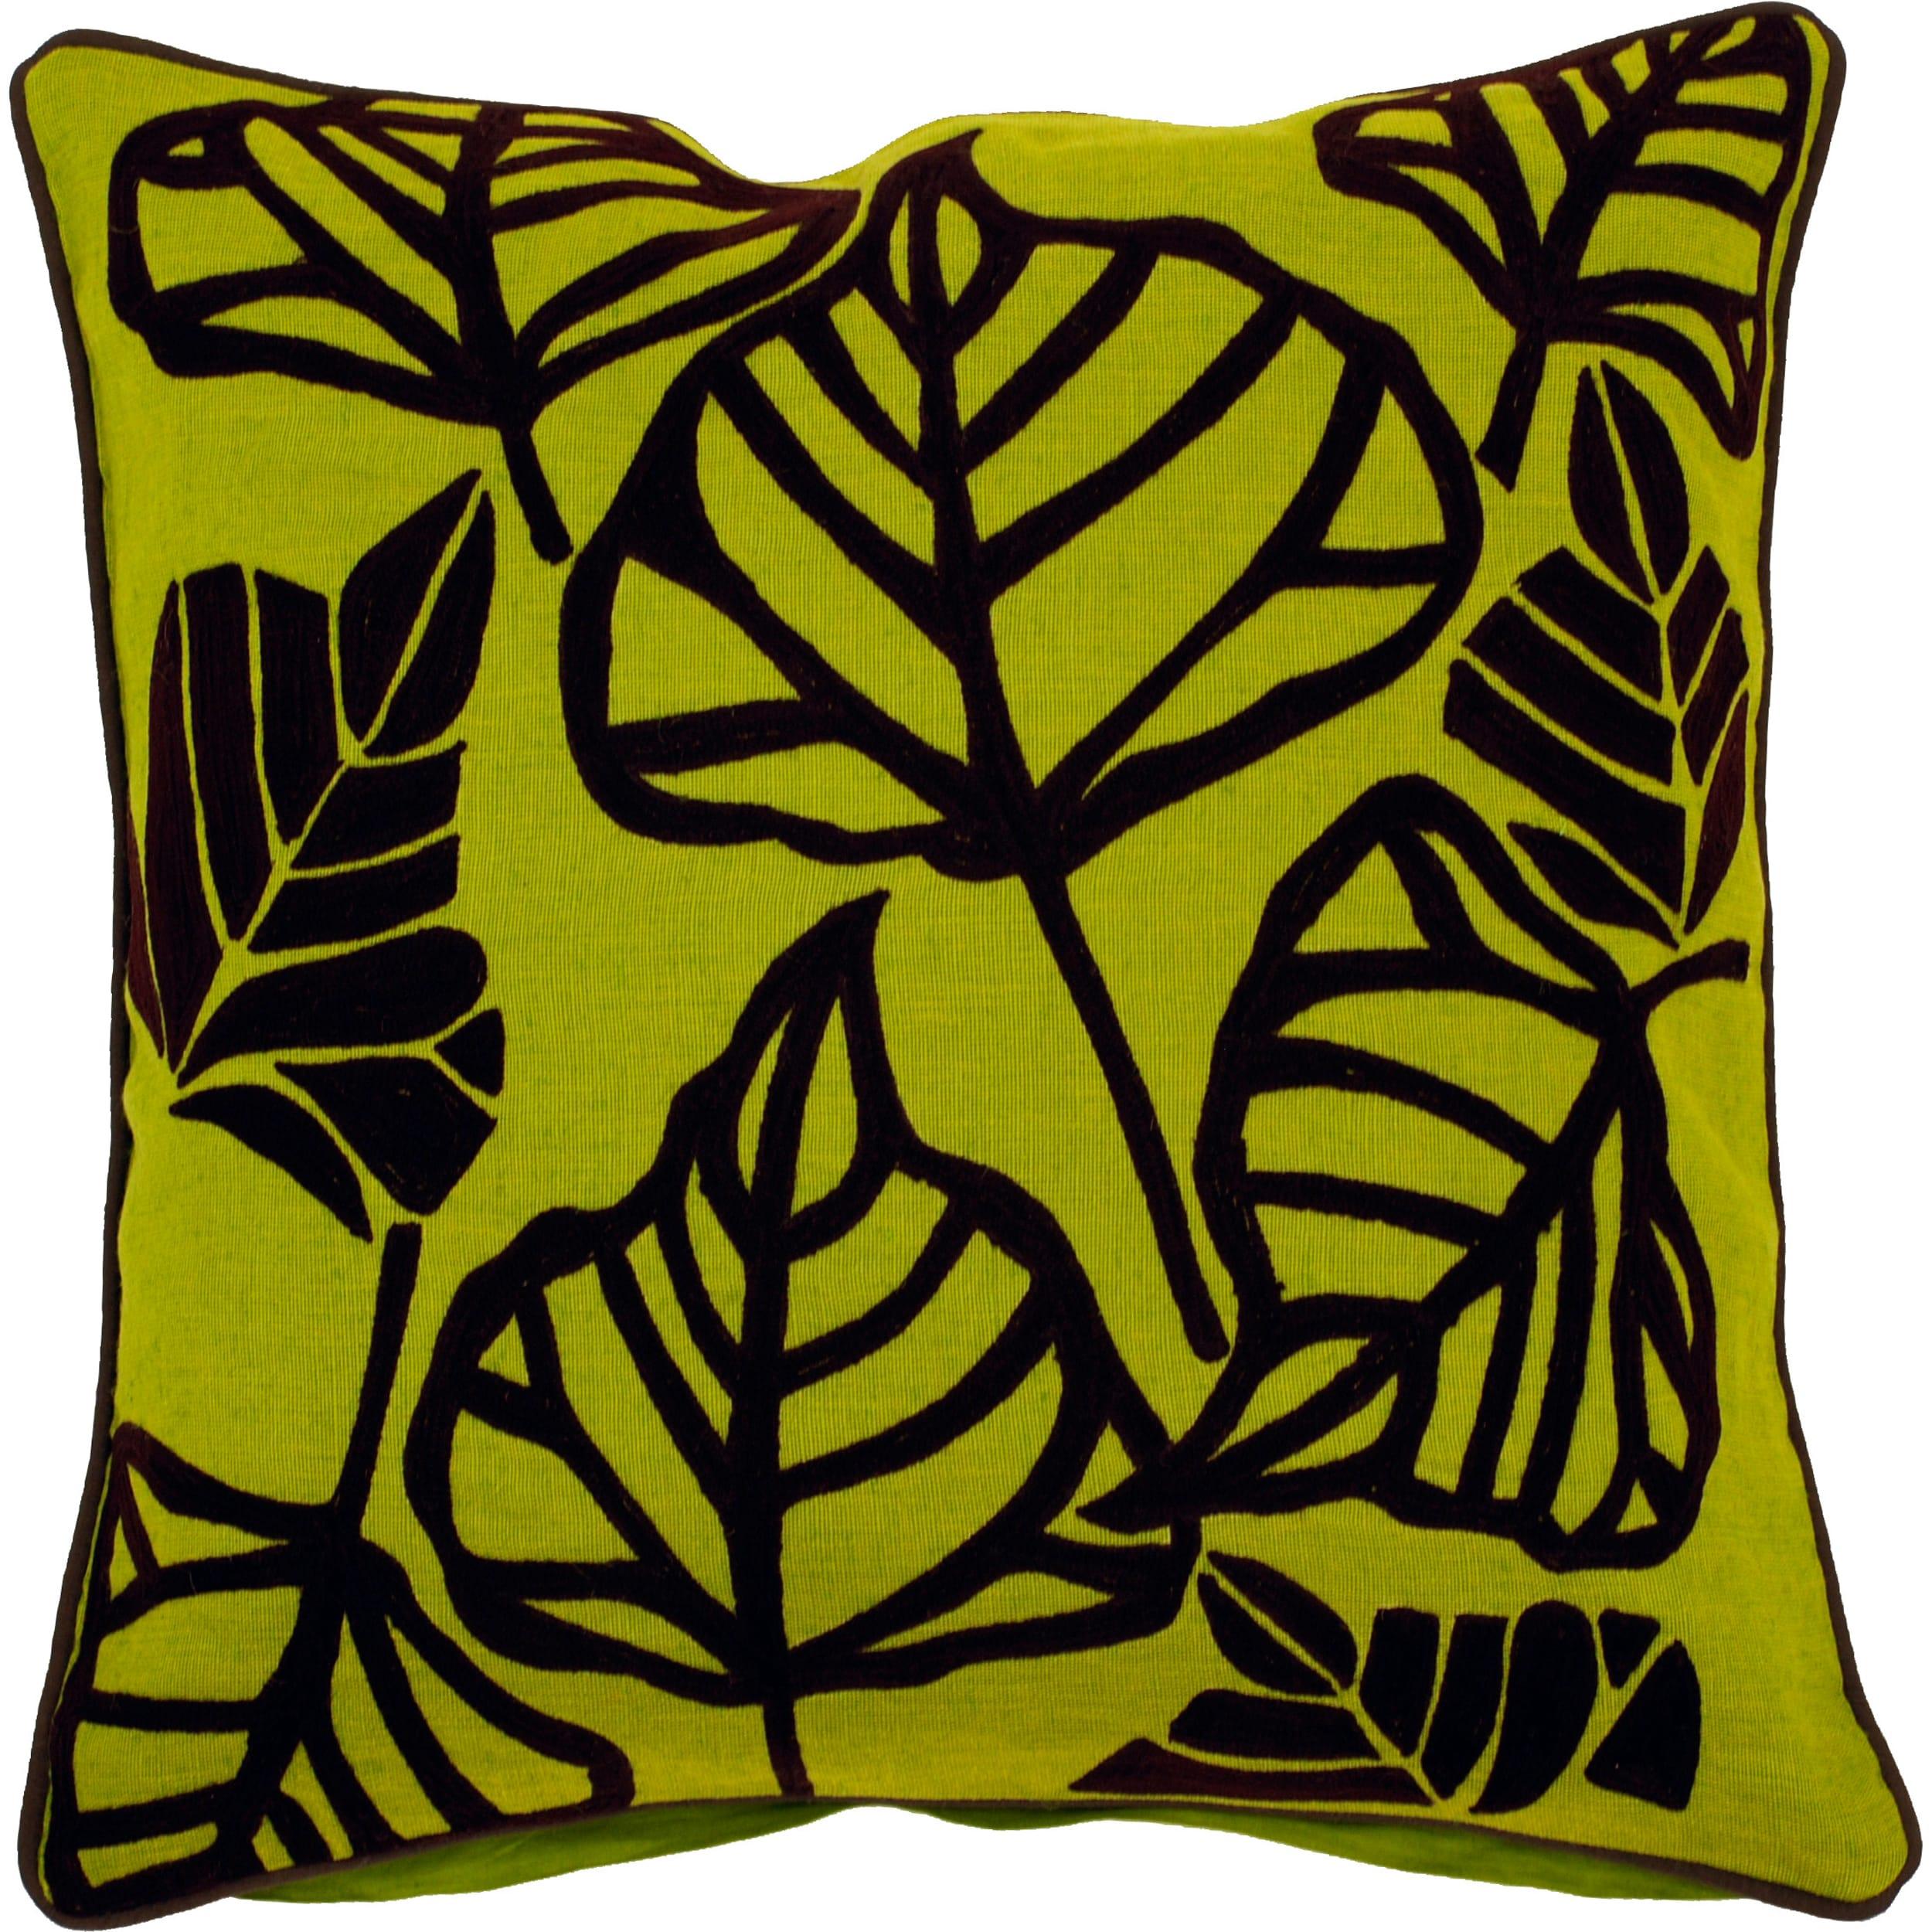 Decorative Sitten Pillow